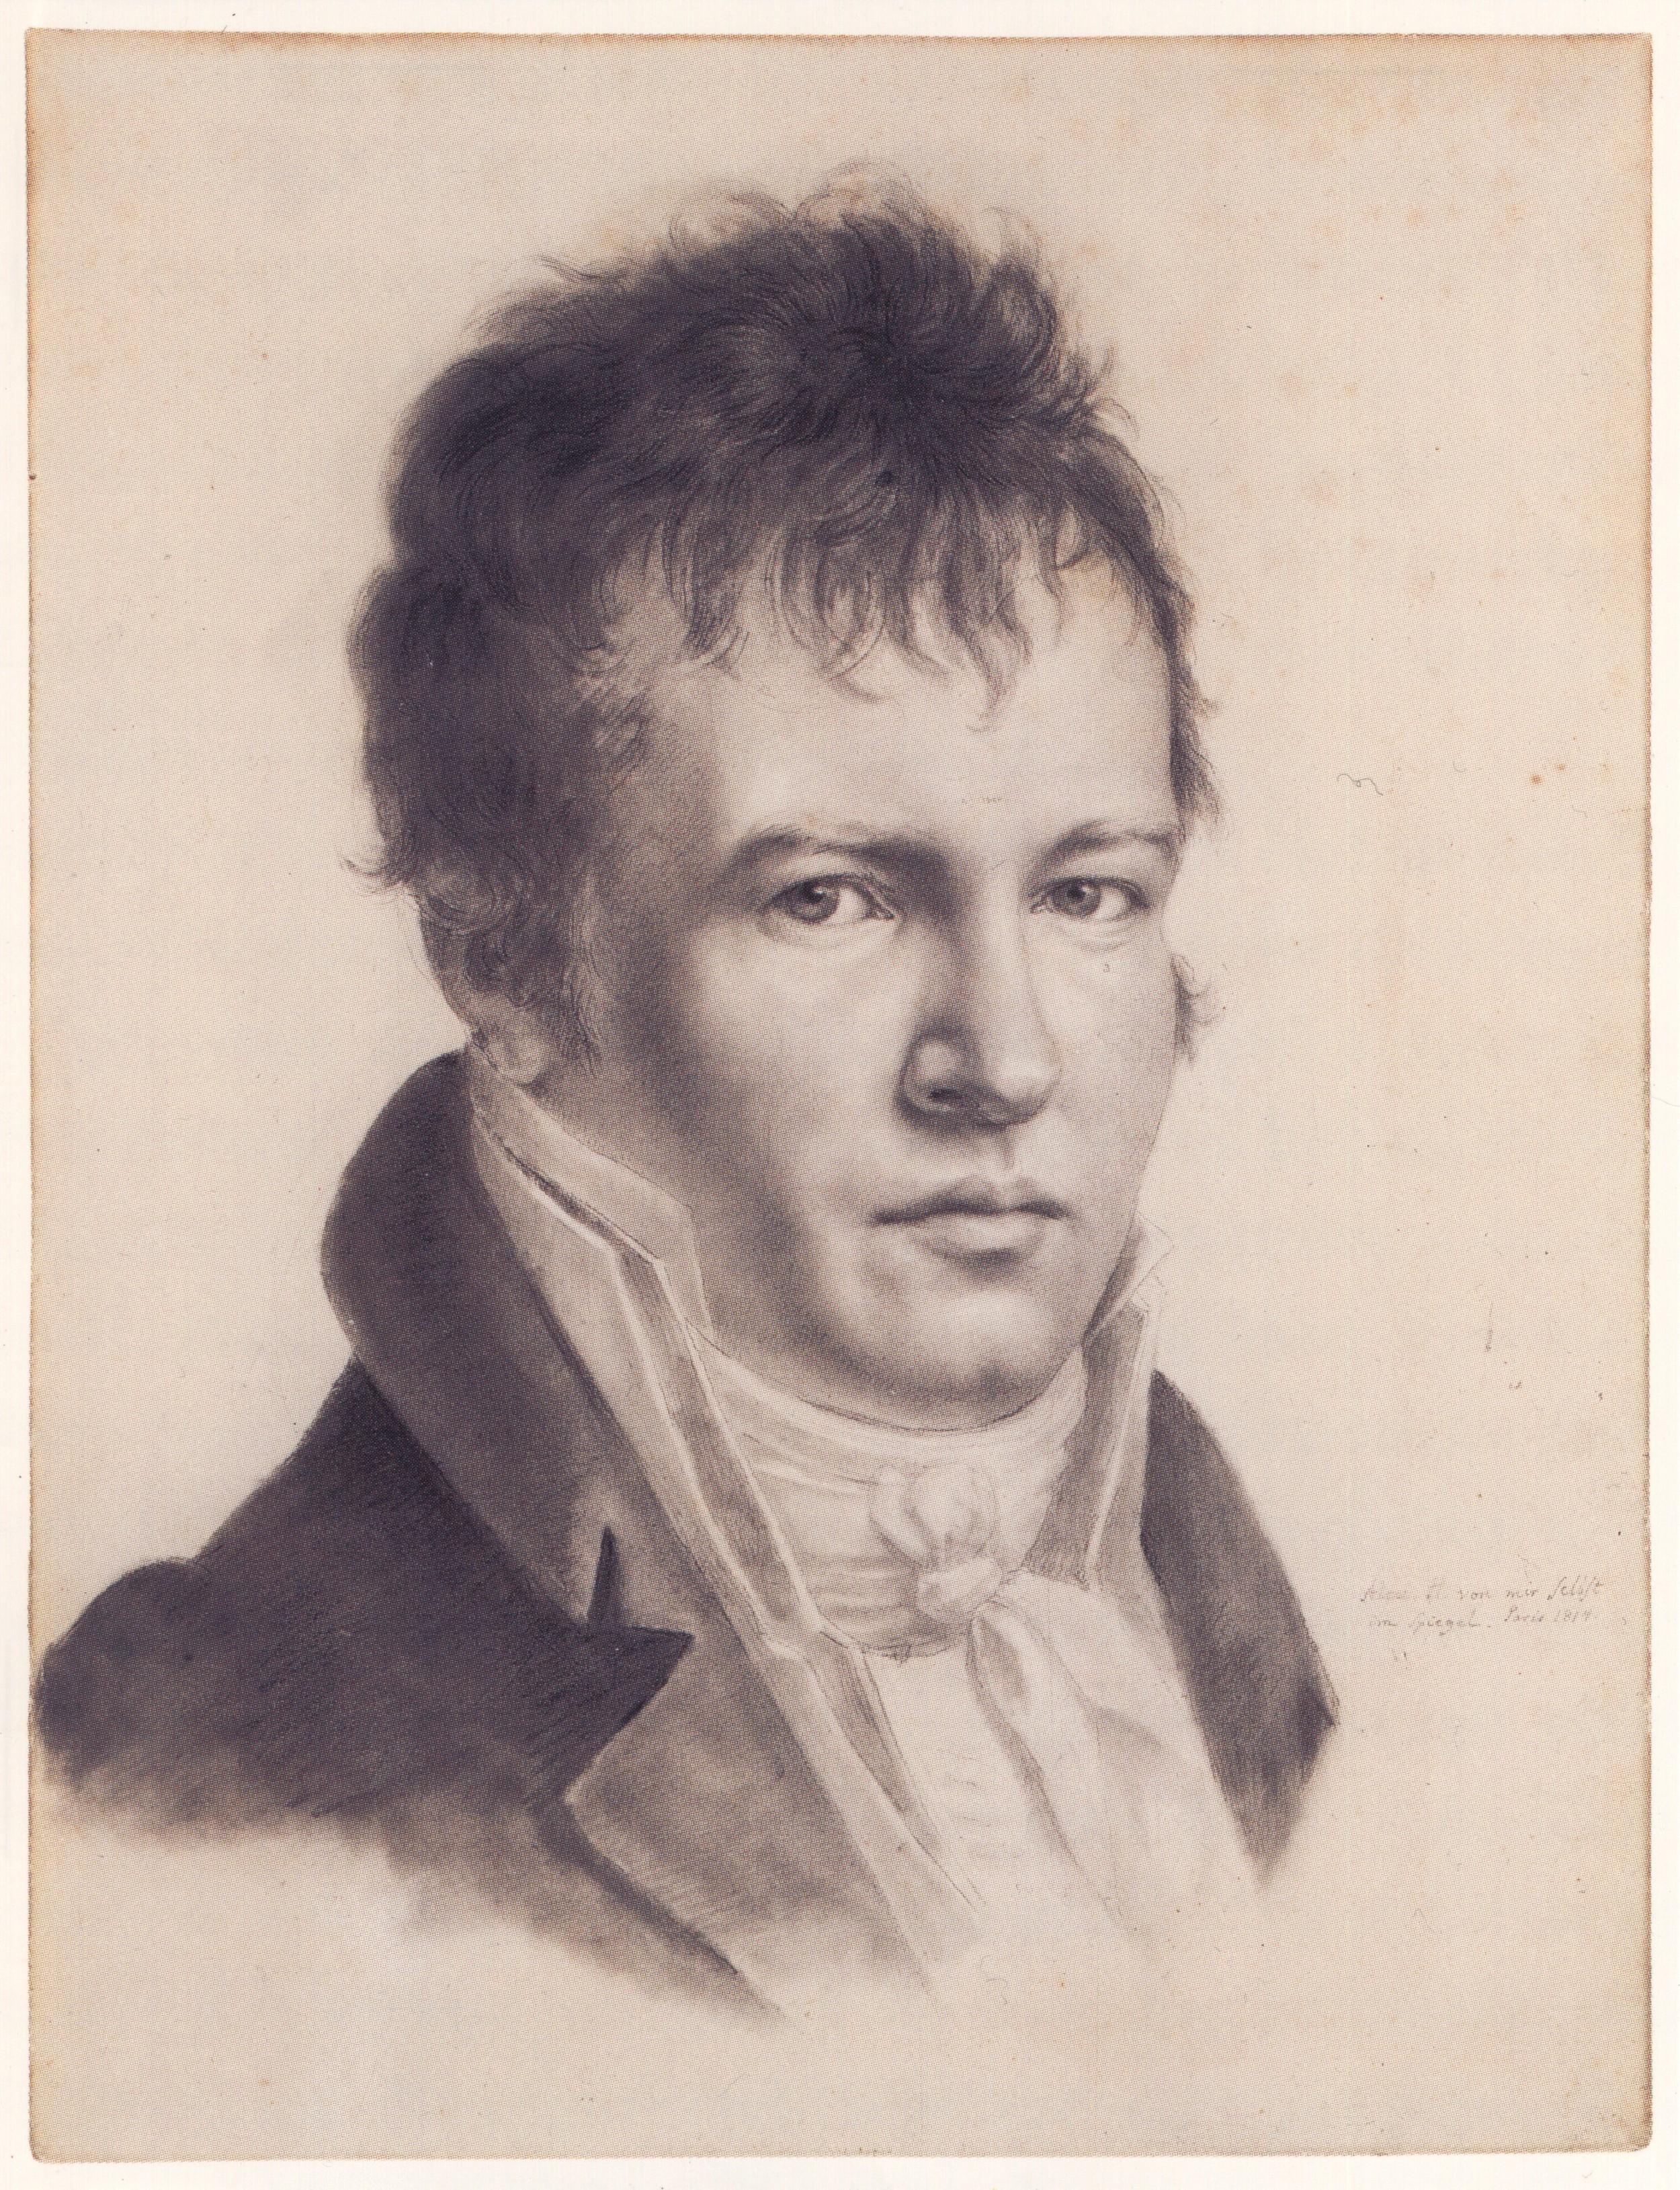 Alexander von Humboldt's self-portrait (1814)